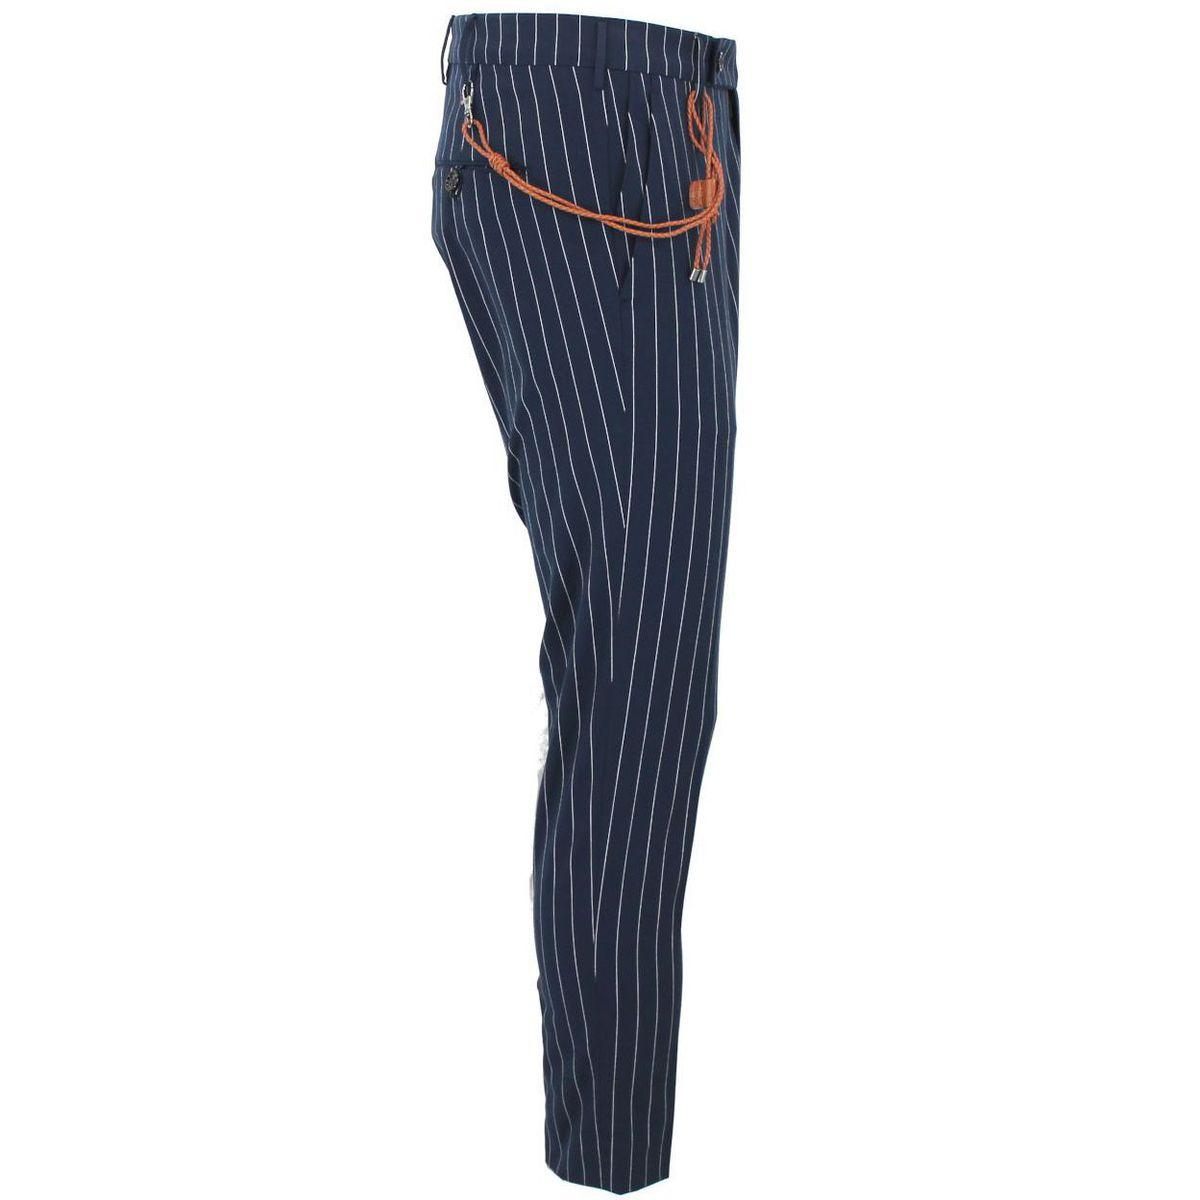 Pantalone in cotone blu a righe bianche con laccetto intrecciato in pelle Blue Berwich